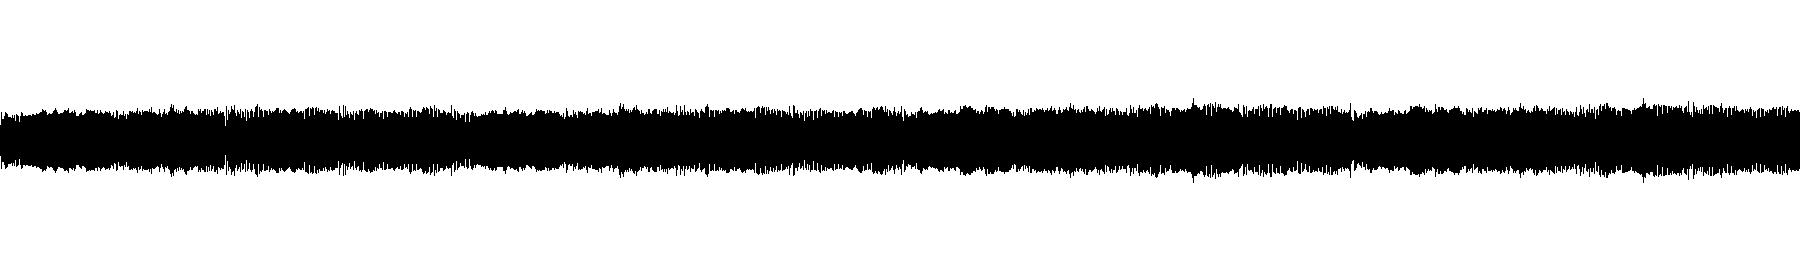 trvs loop1